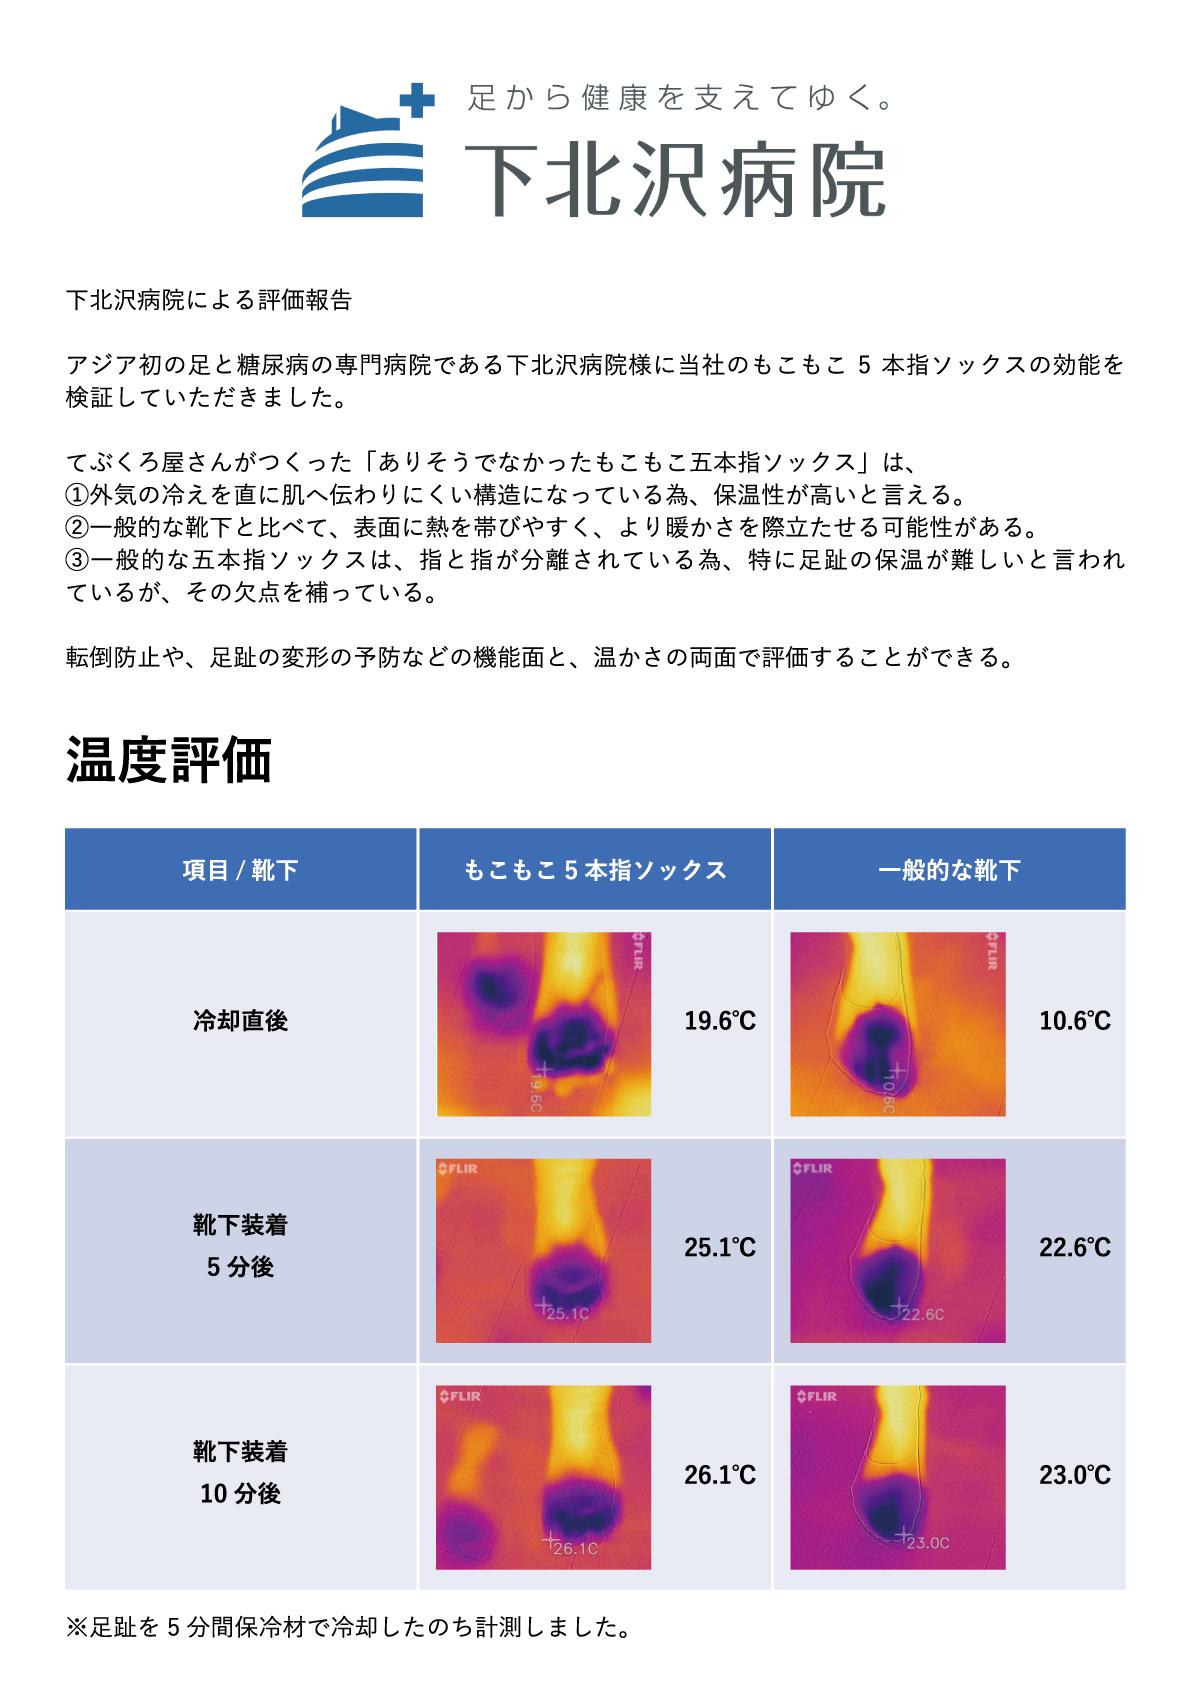 下北沢病院 評価報告1